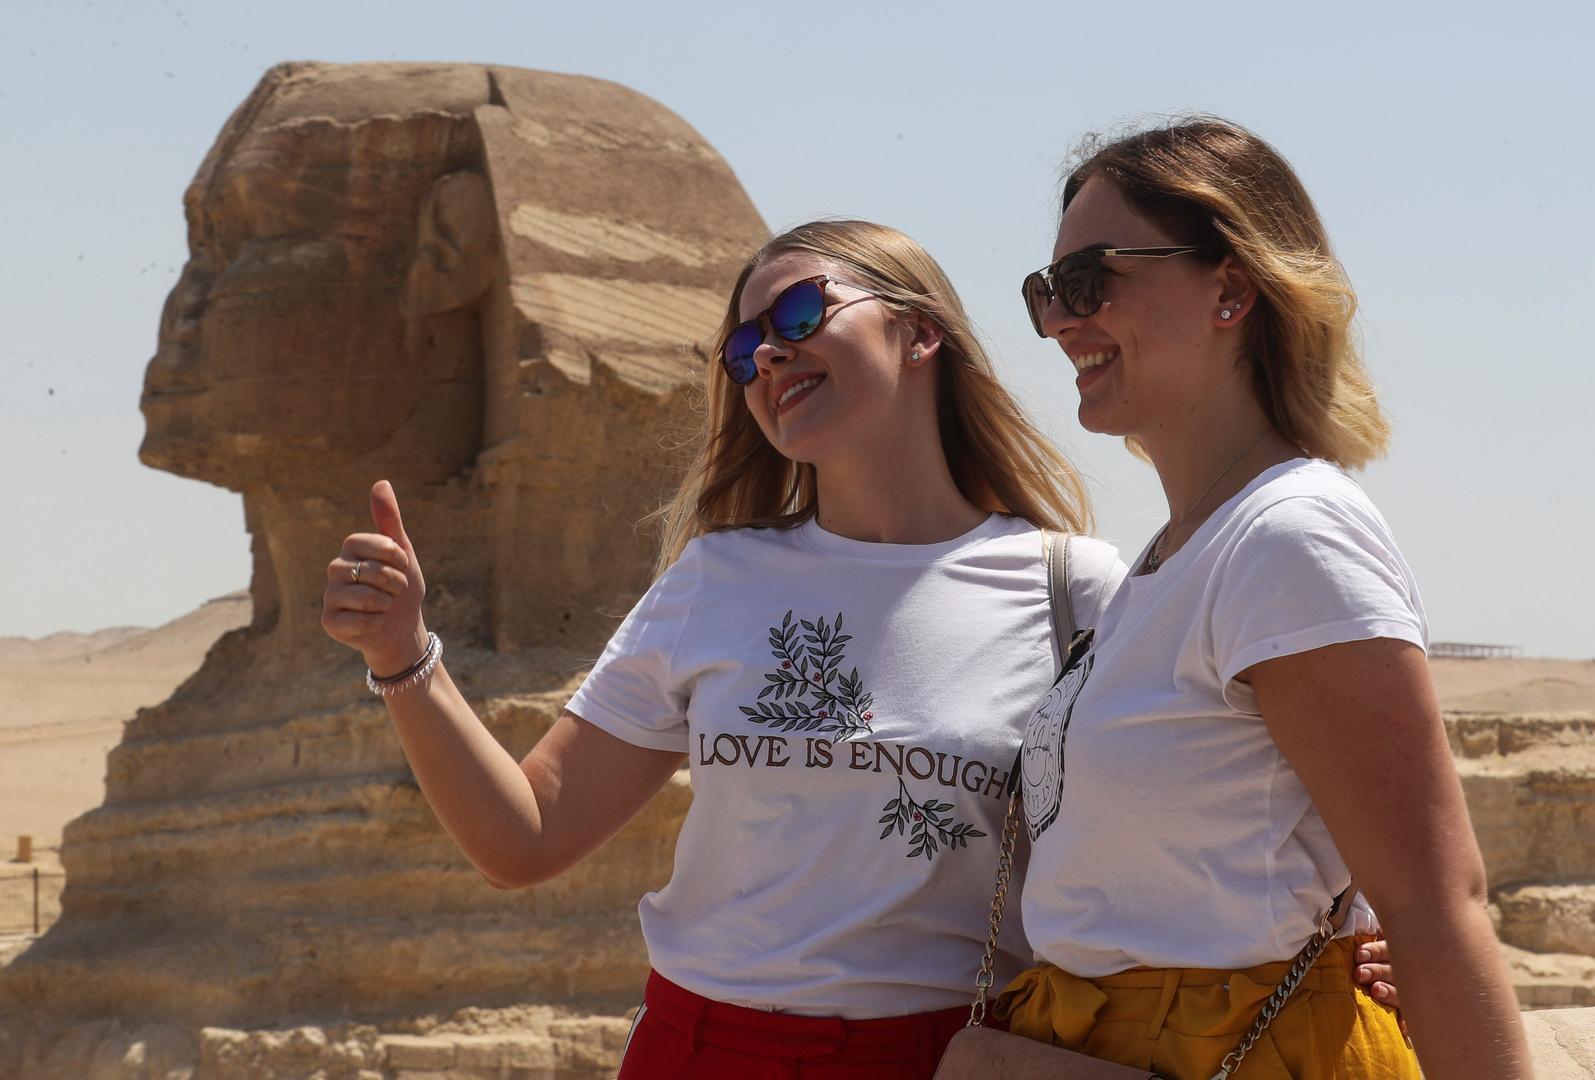 مصر تعلن تضاعف عدد السياح الروس إلى البلاد